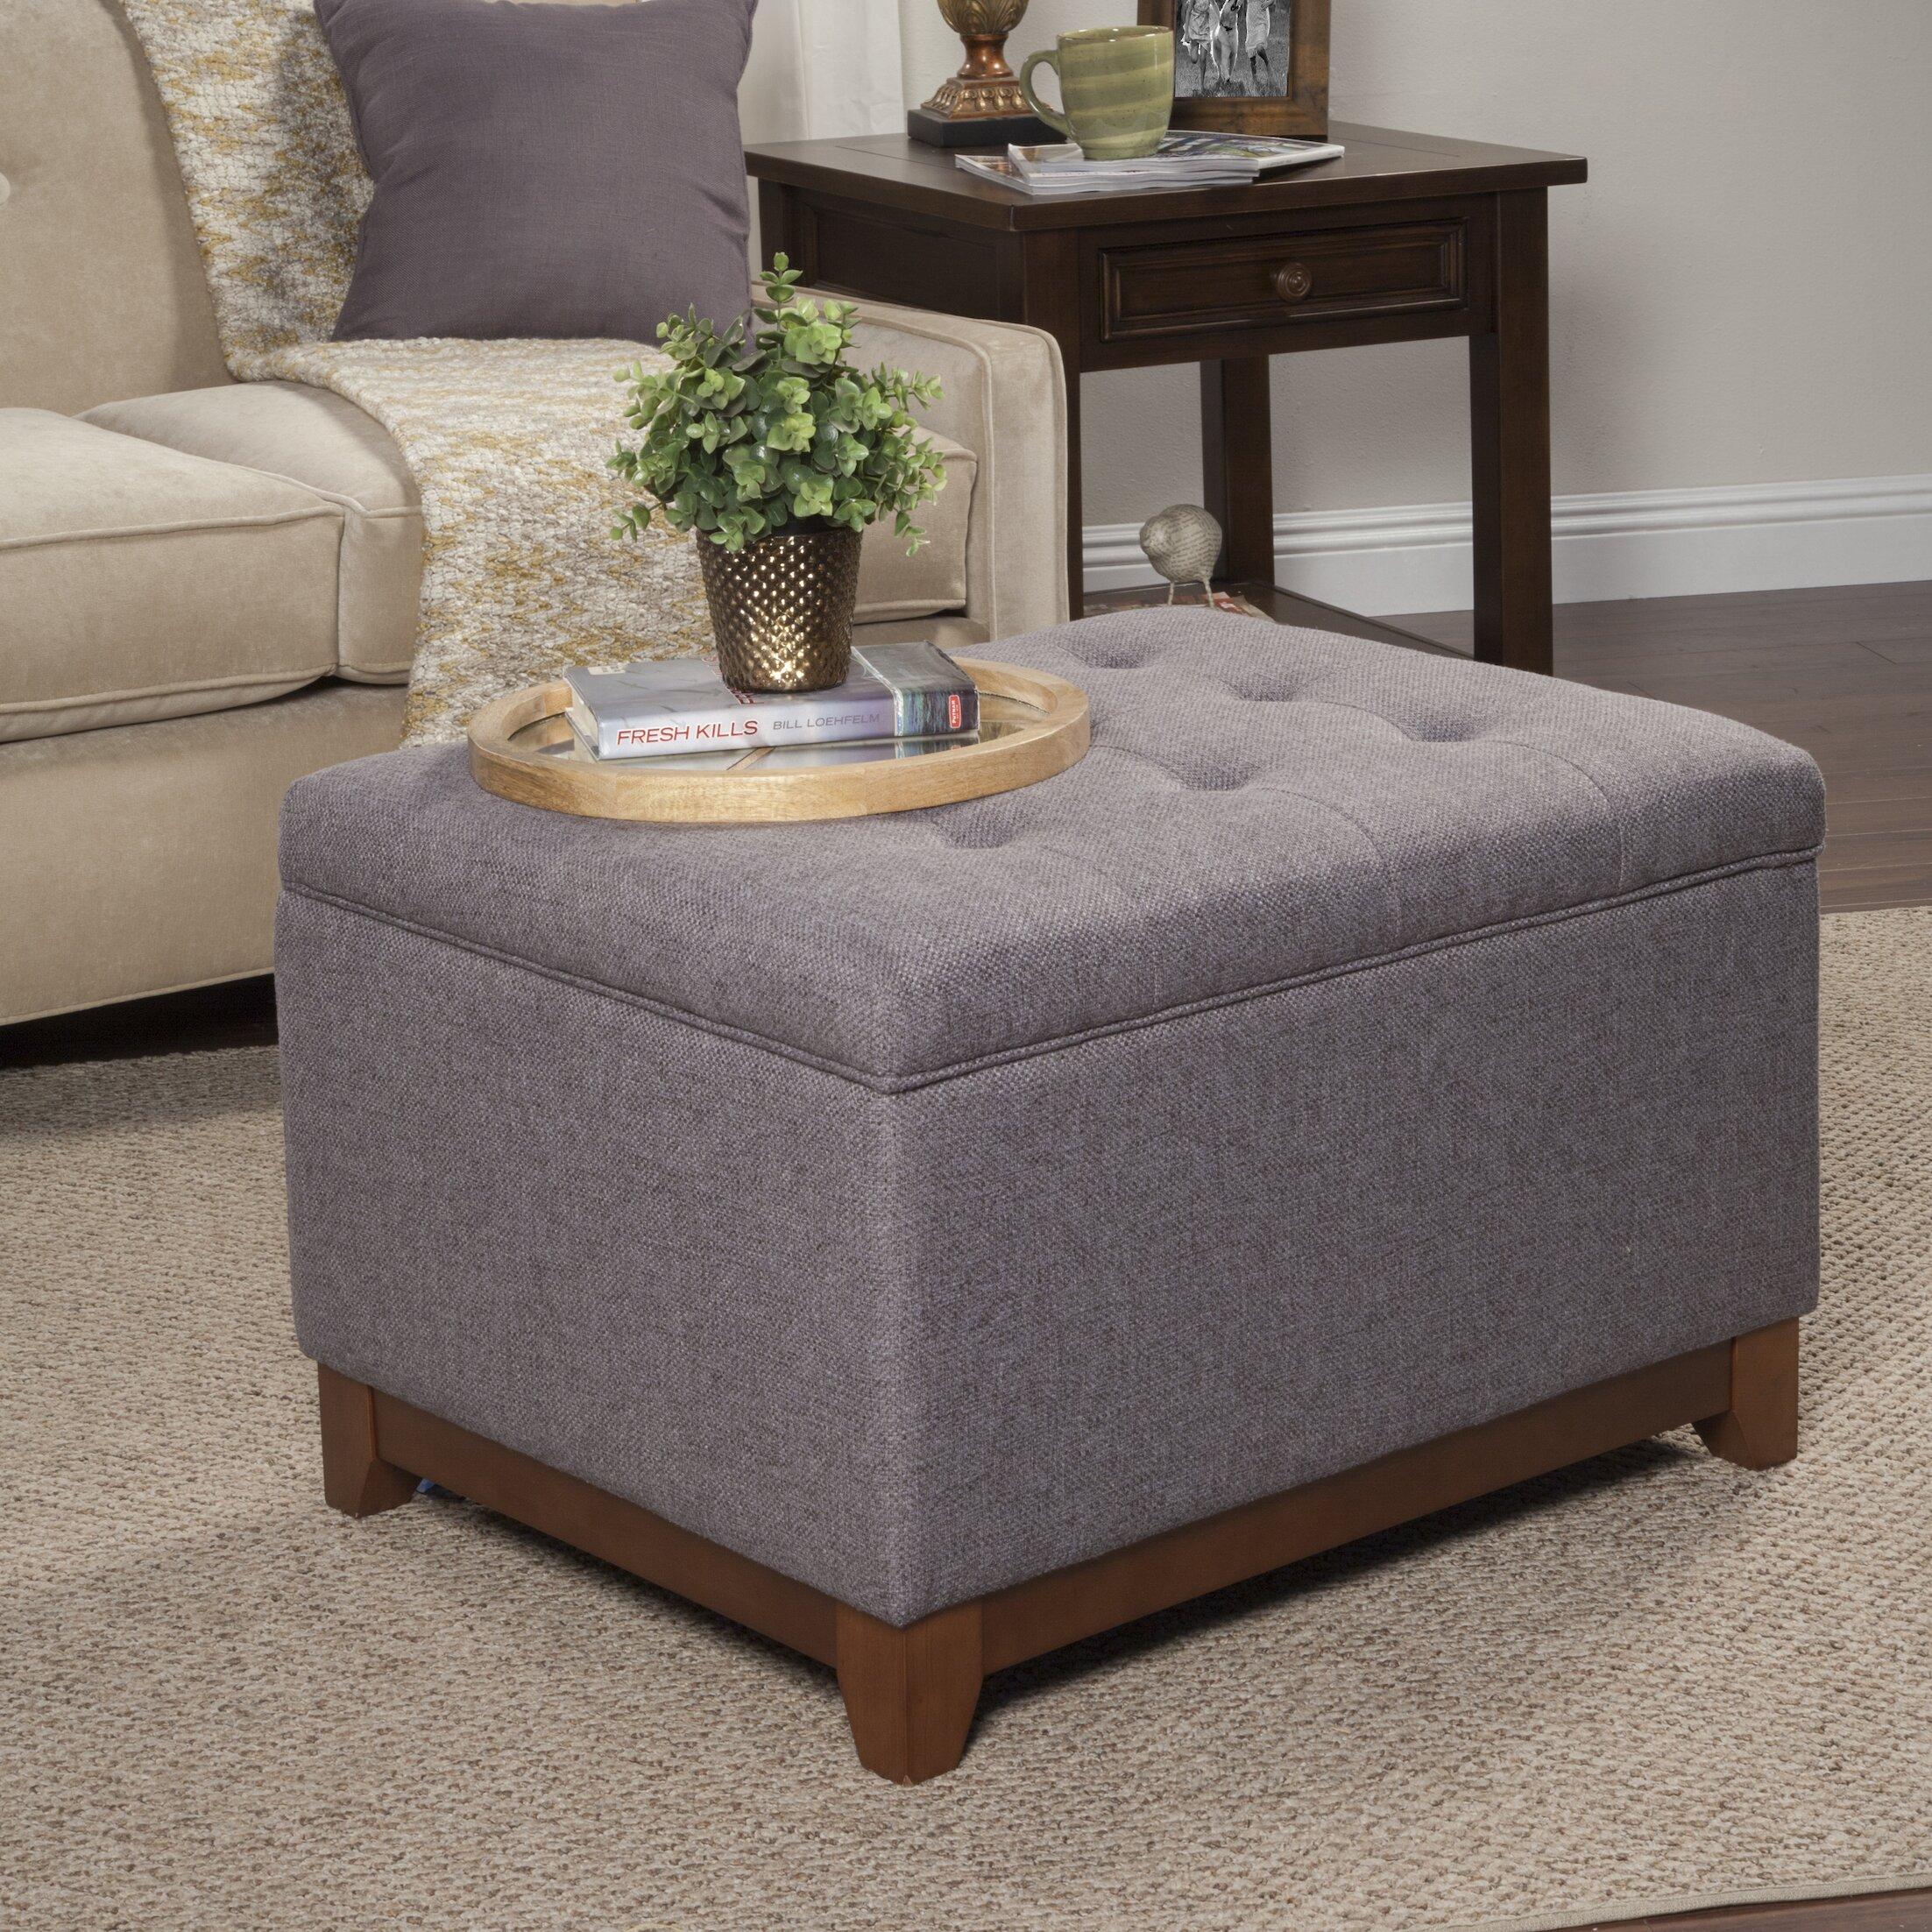 homepop upholstered storage cocktail ottoman reviews. Black Bedroom Furniture Sets. Home Design Ideas